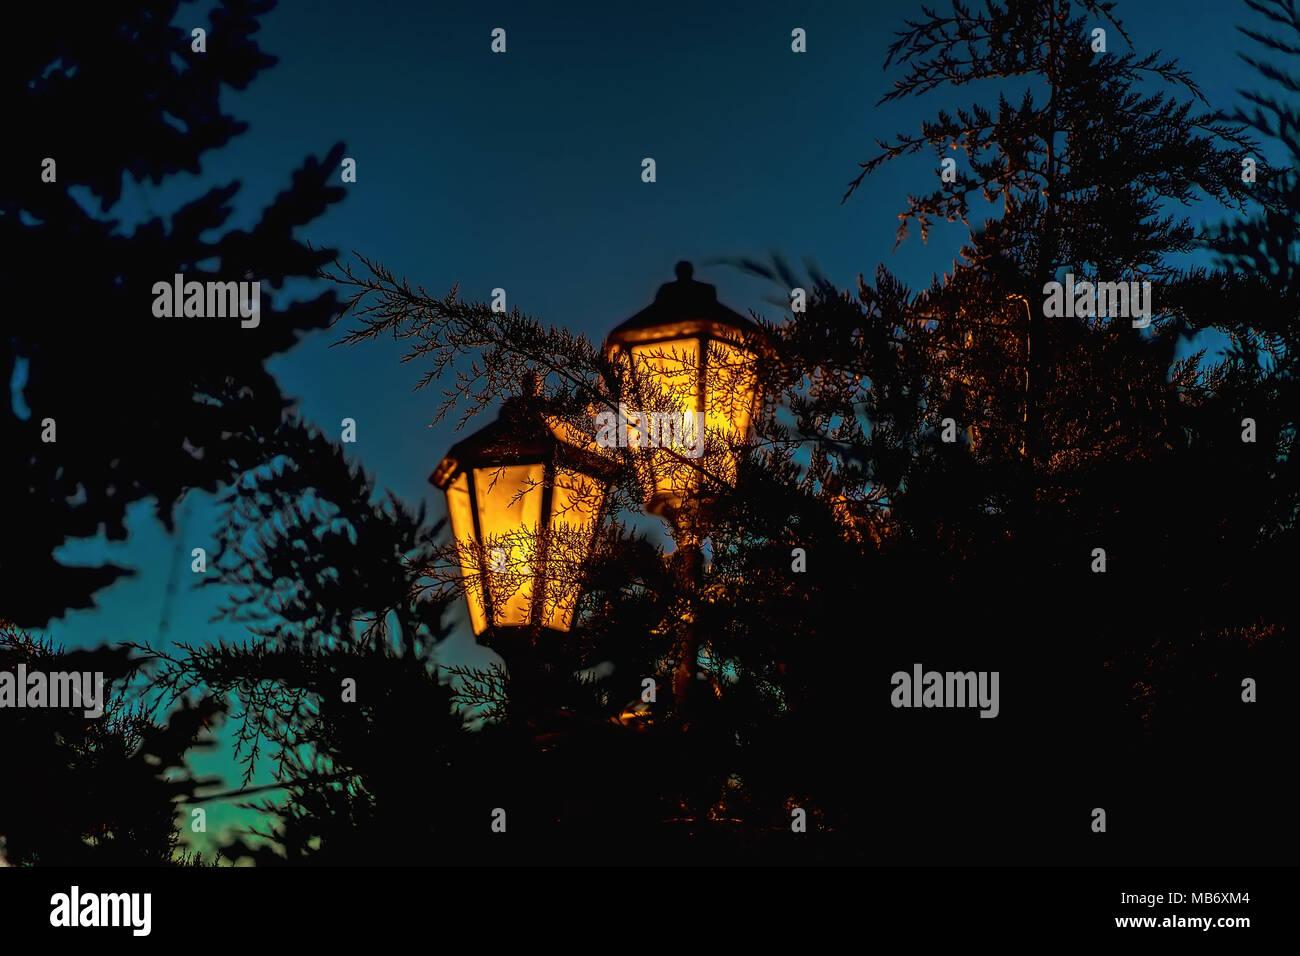 Calle la luz luminosa en el trasfondo de la resaltada branckes coníferas, noche Imagen De Stock